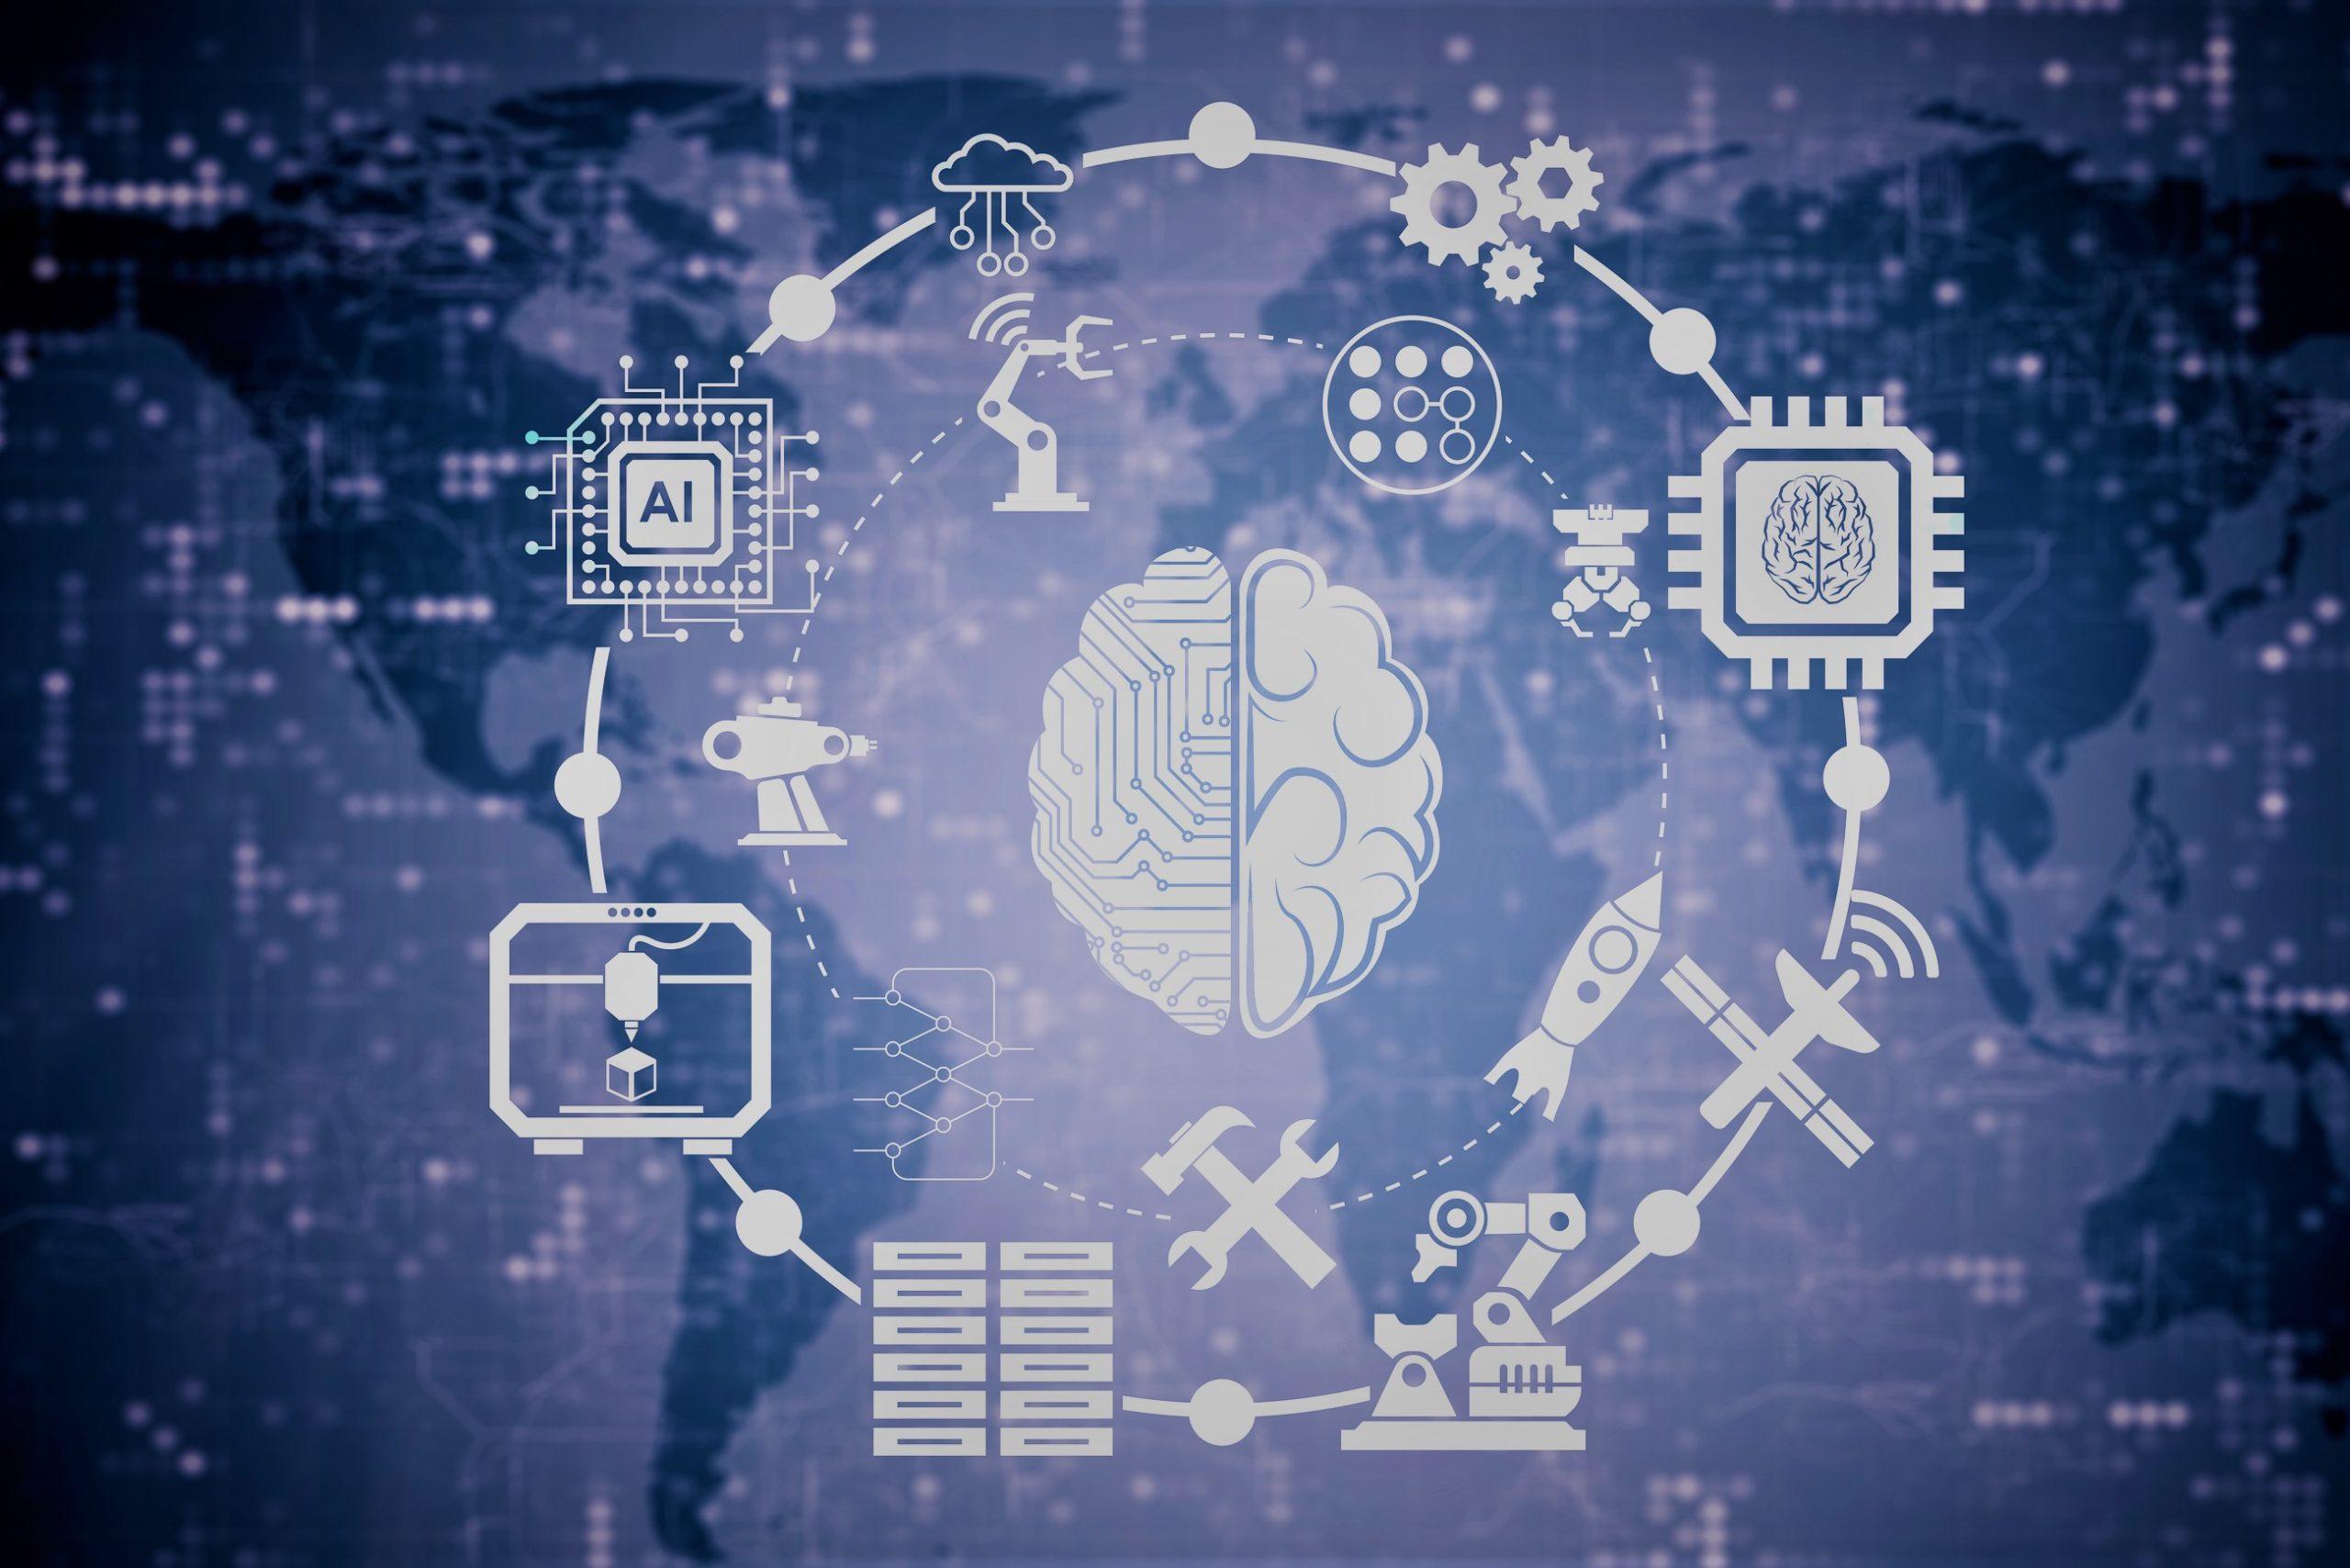 искусственный интеллект в мире